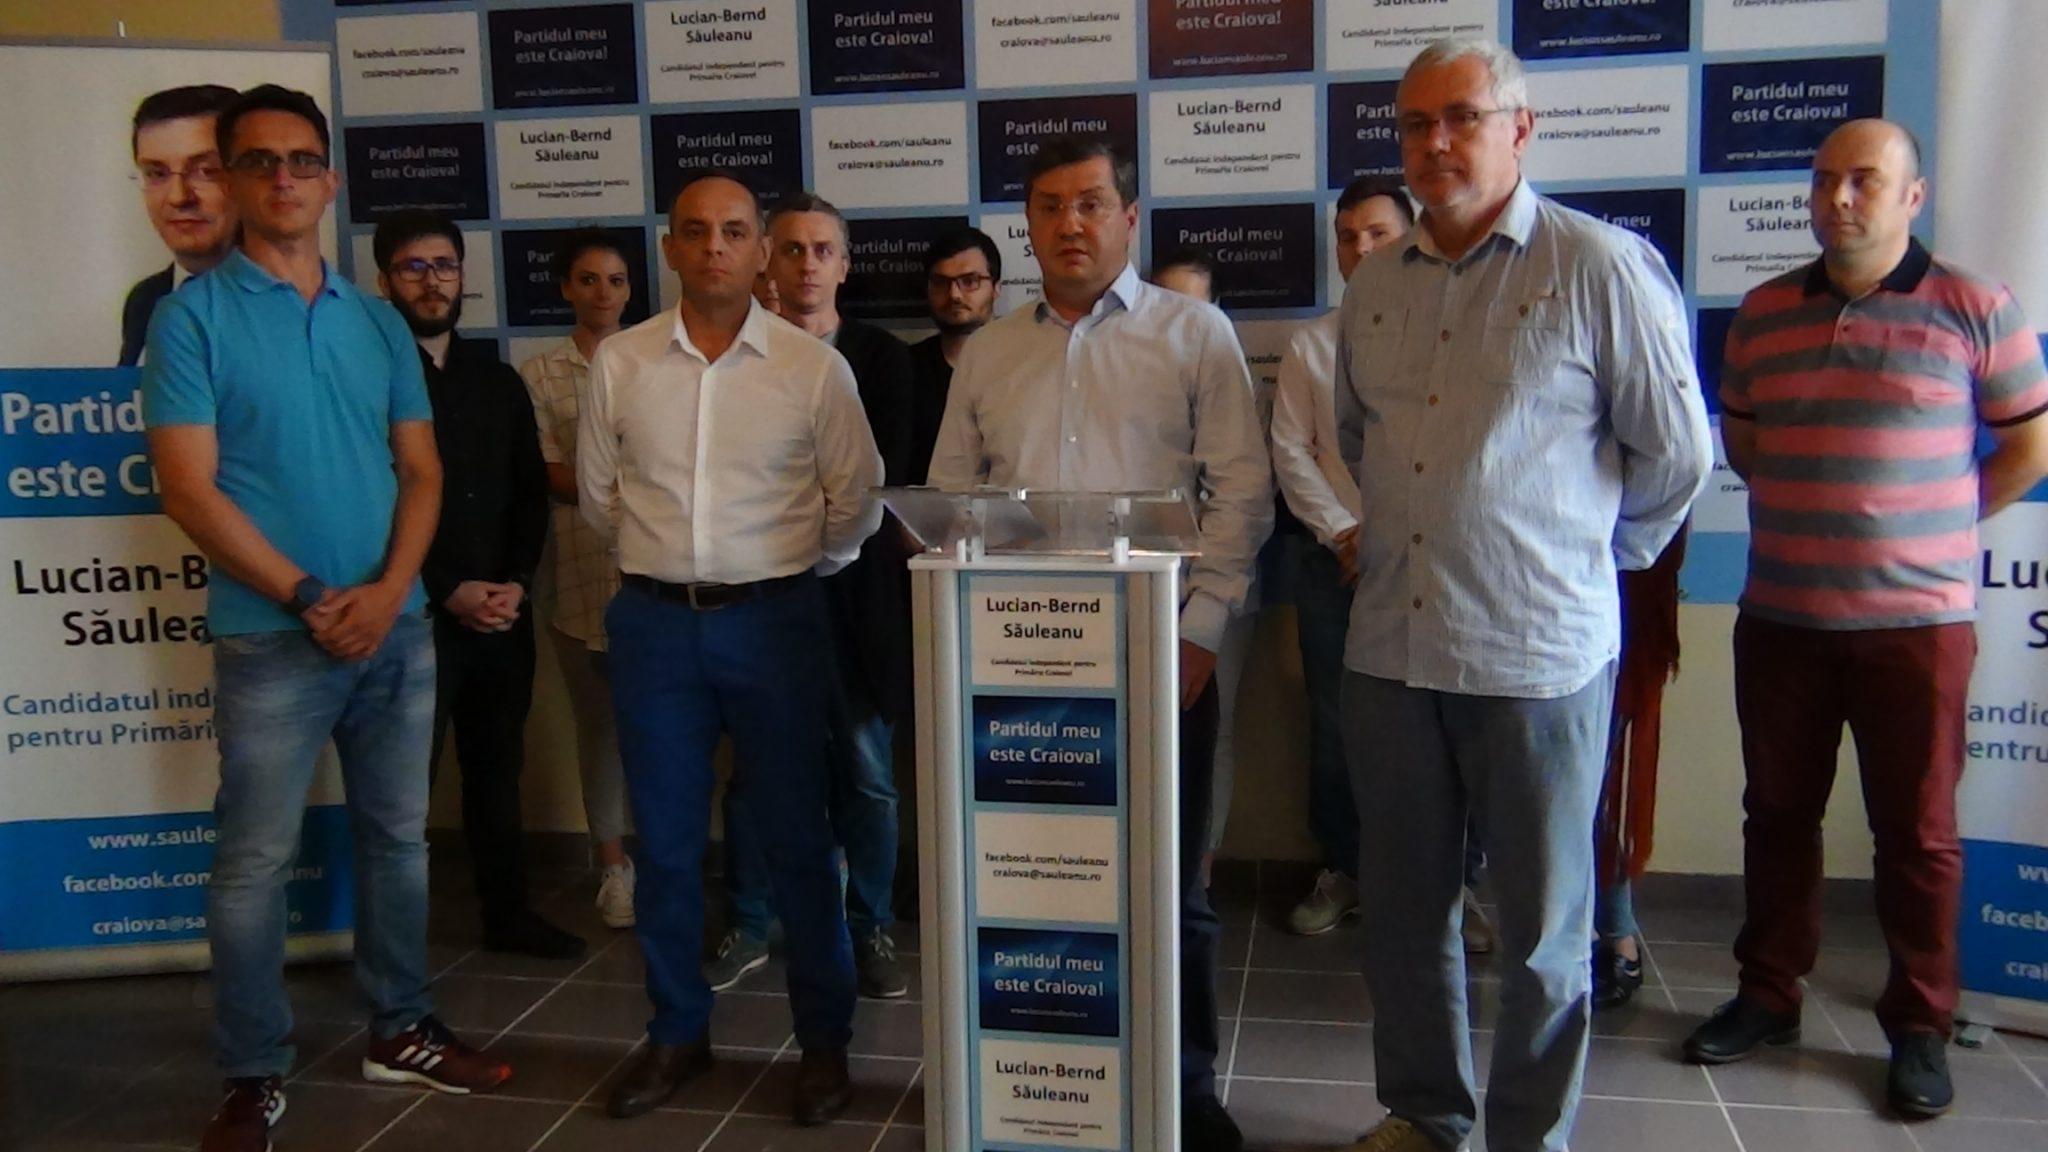 Lucian Săuleanu: Am date certe că se influențează votul, că se continuă campania electorală